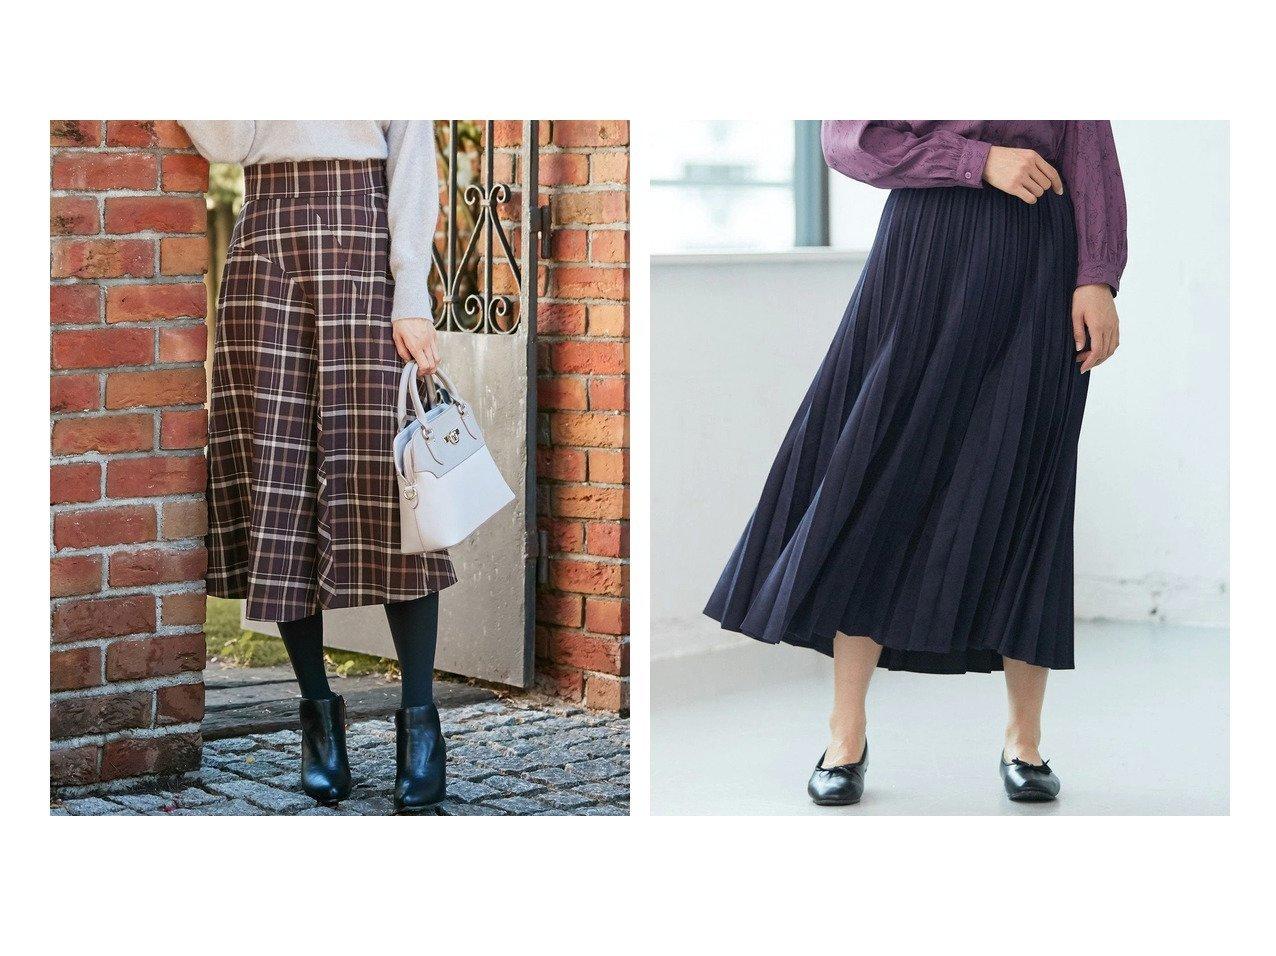 【any SiS/エニィ スィス】の【洗える】アシンメトリーフレア スカート&【any FAM/エニィファム】のサンディングピーチチンツ プリーツスカート 【スカート】おすすめ!人気、トレンド・レディースファッションの通販 おすすめで人気の流行・トレンド、ファッションの通販商品 インテリア・家具・メンズファッション・キッズファッション・レディースファッション・服の通販 founy(ファニー) https://founy.com/ ファッション Fashion レディースファッション WOMEN スカート Skirt Aライン/フレアスカート Flared A-Line Skirts プリーツスカート Pleated Skirts 送料無料 Free Shipping アシンメトリー クラシカル チェック ツイード フレア フロント モノトーン 洗える フェミニン プリーツ 人気 |ID:crp329100000071373